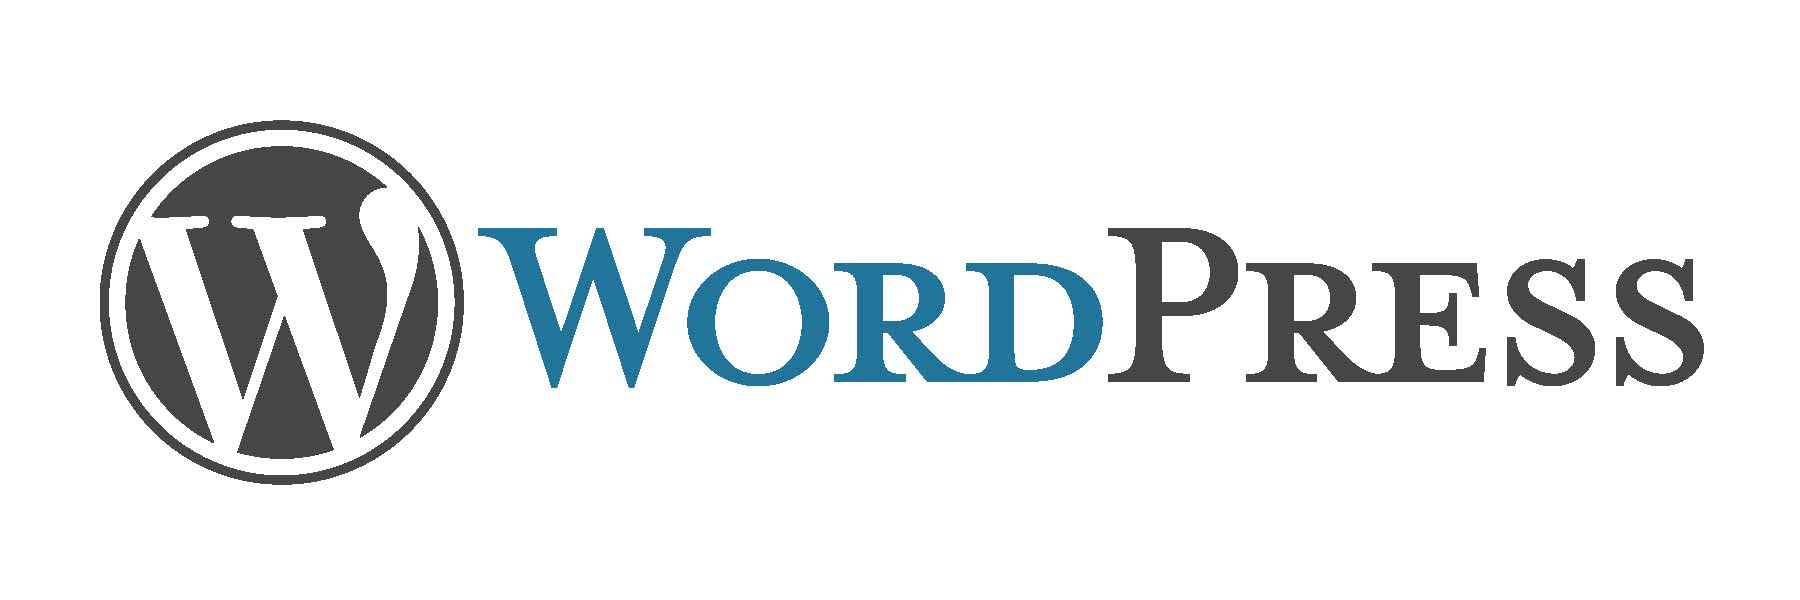 wordfpress